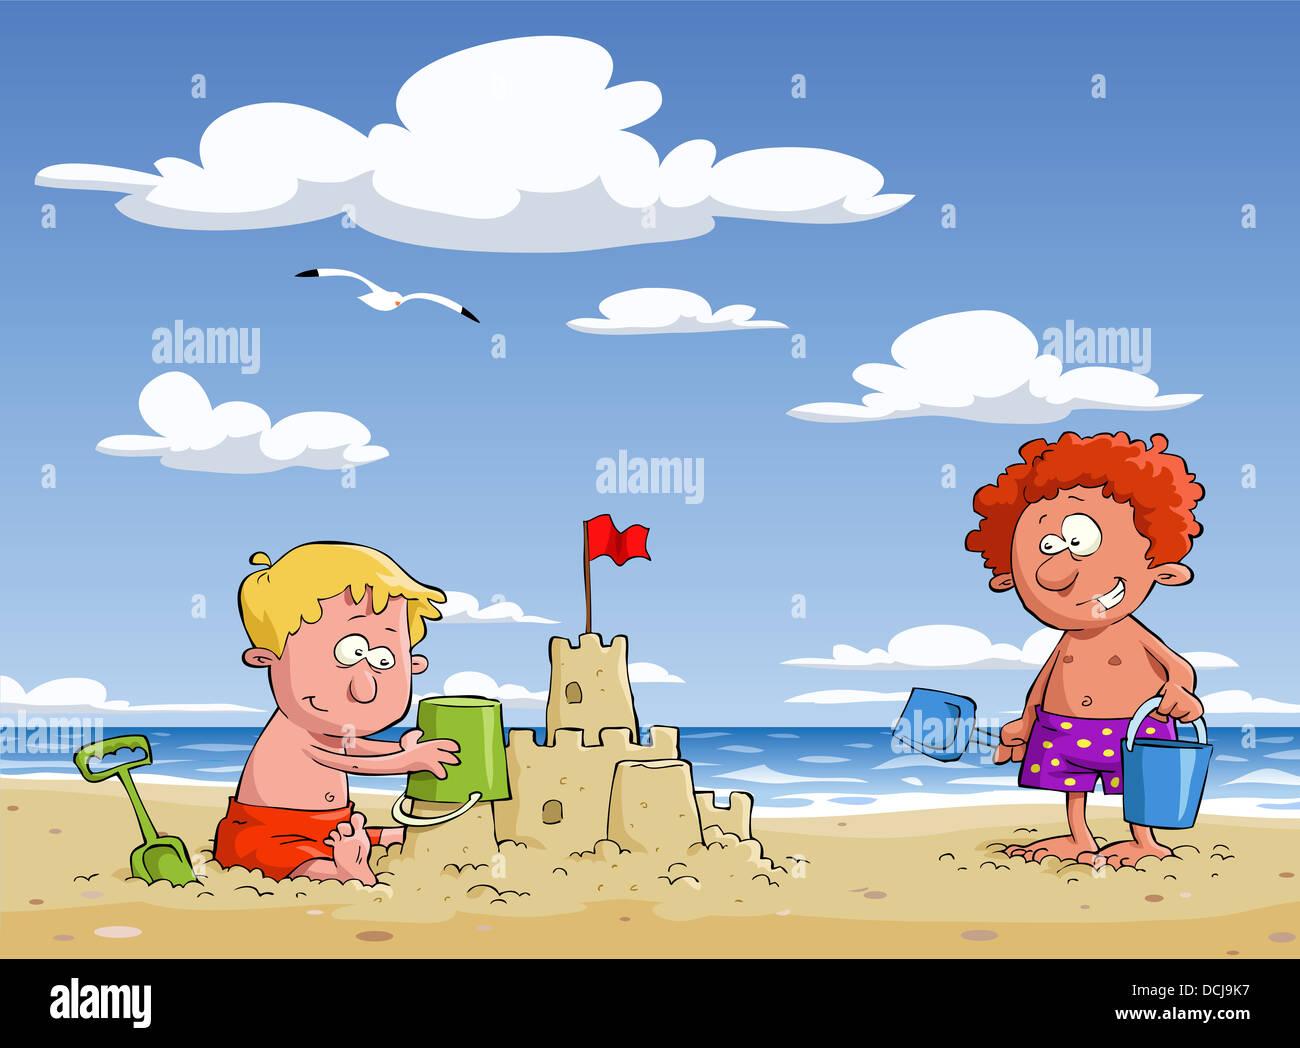 Los Niños De Dibujos Animados En La Playa Foto Imagen De Stock